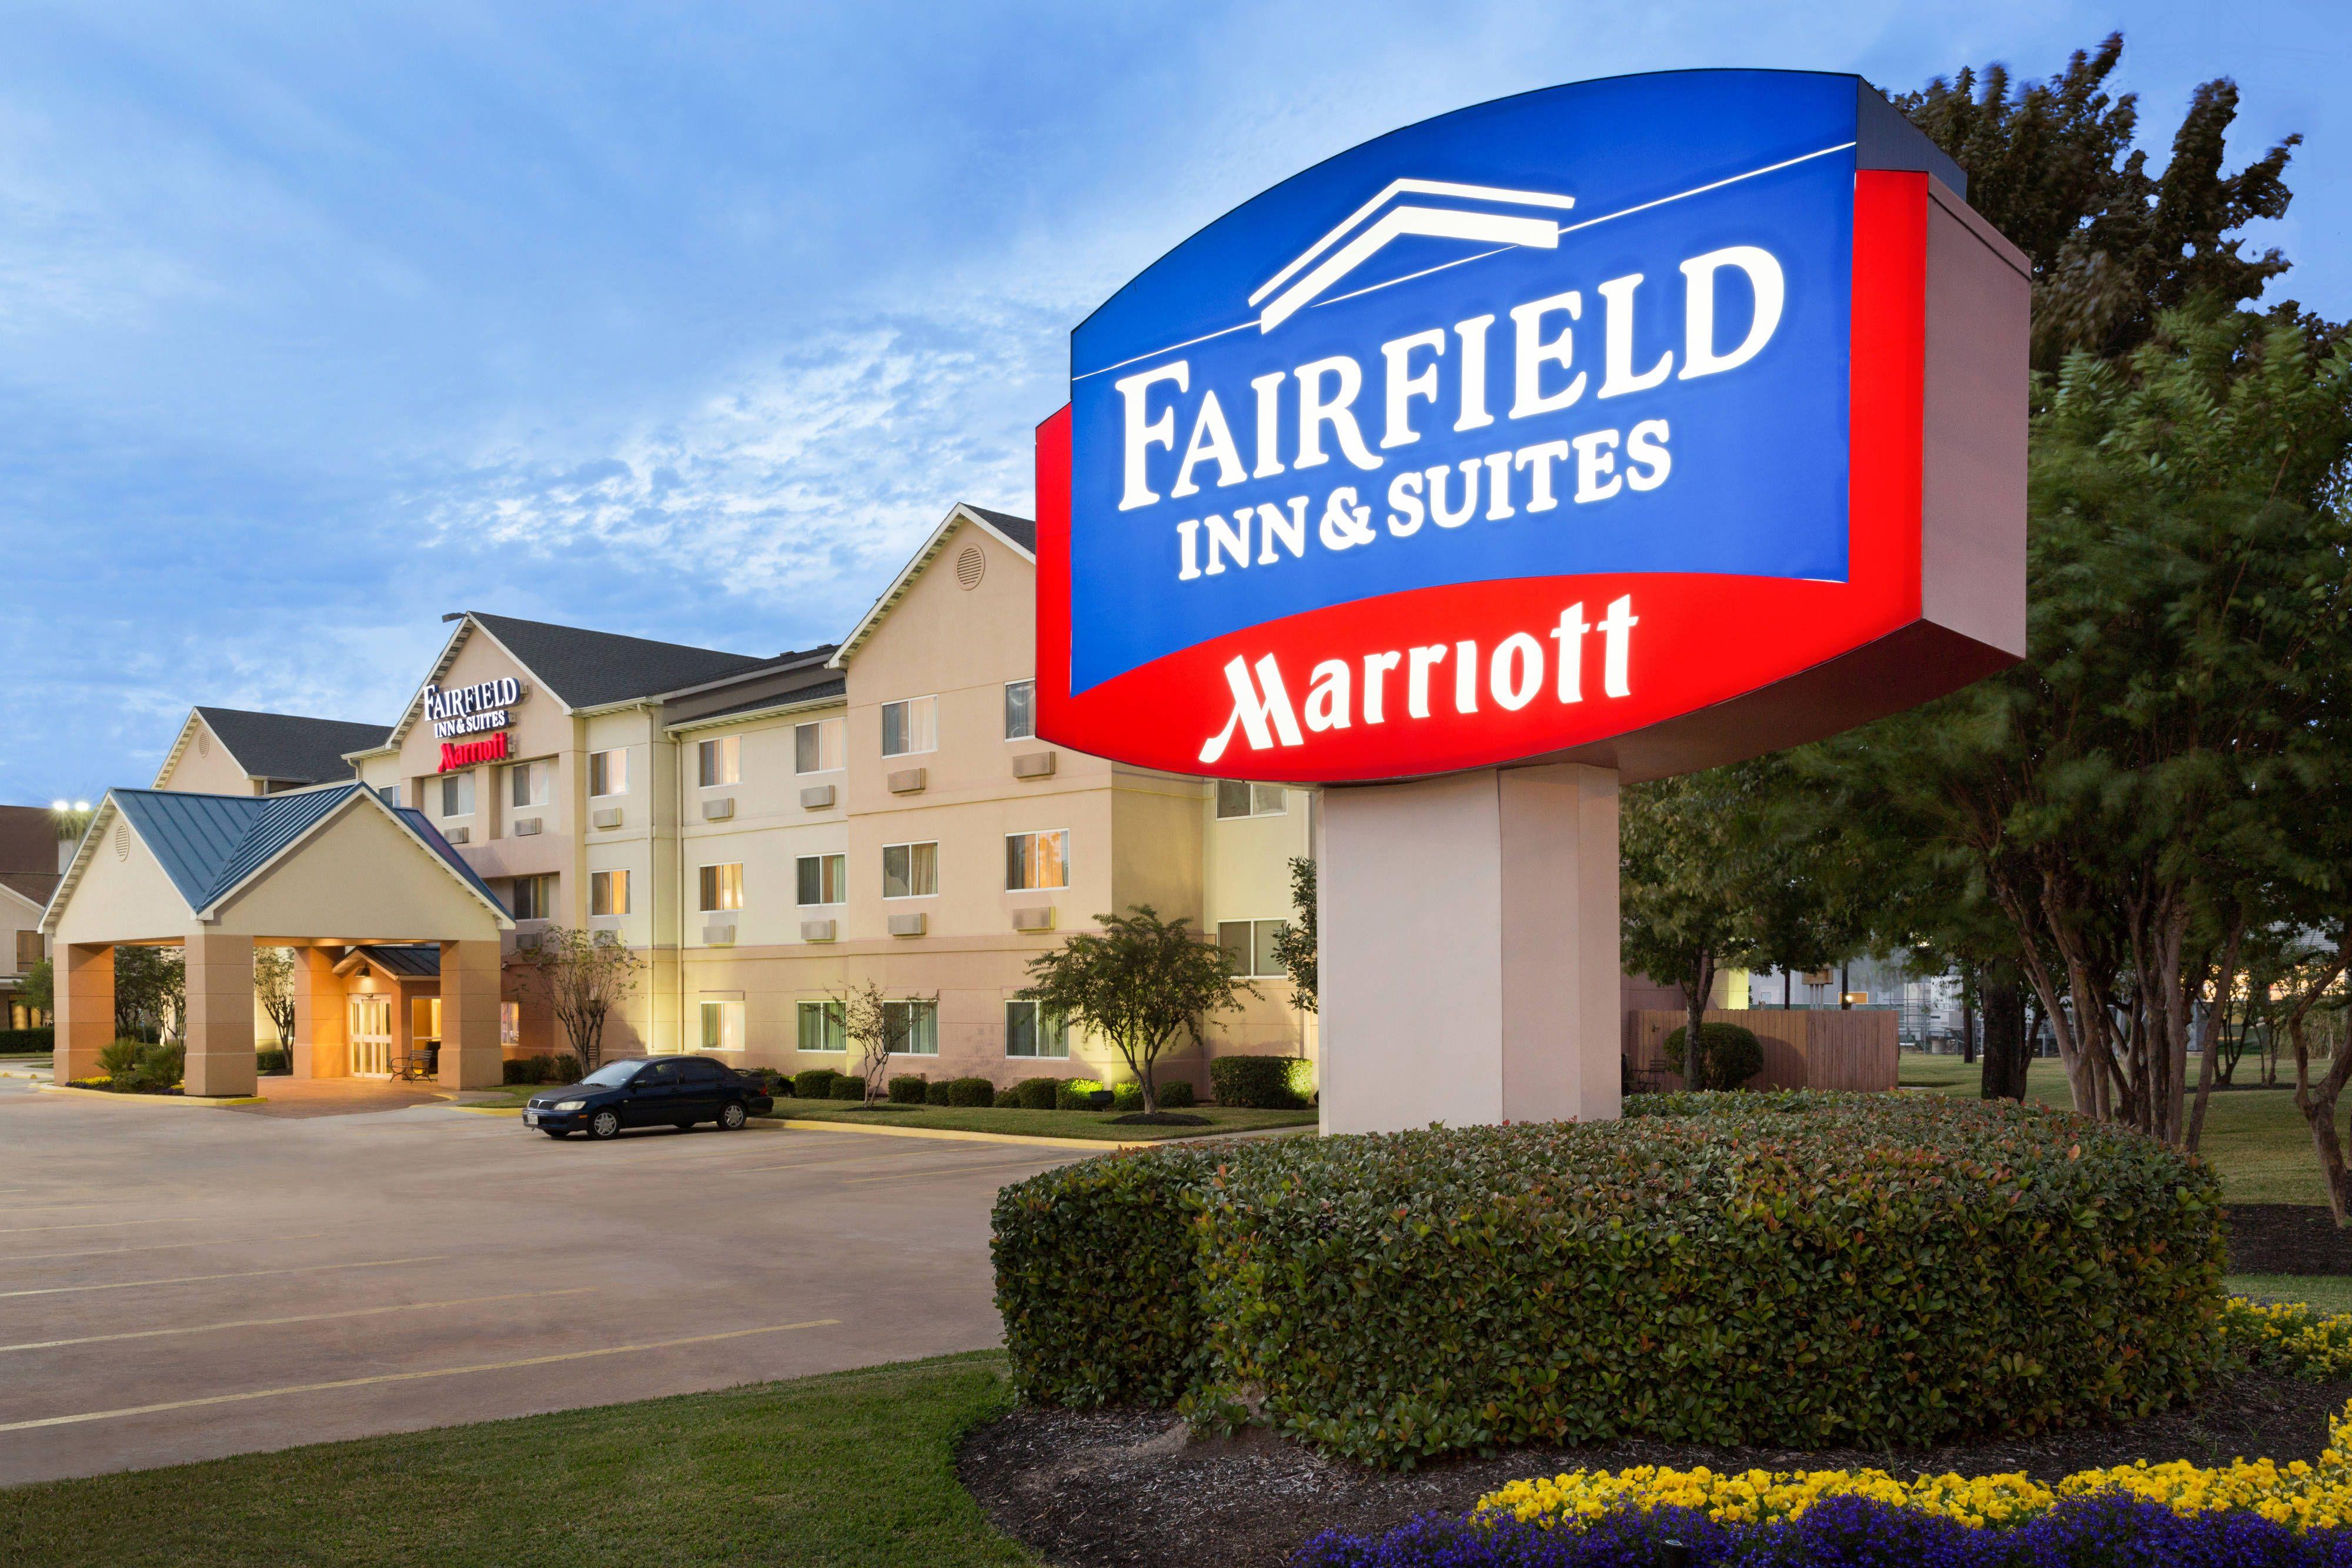 Fairfield Inn Fairfield Inn Houston Hotels The Woodlands Mall